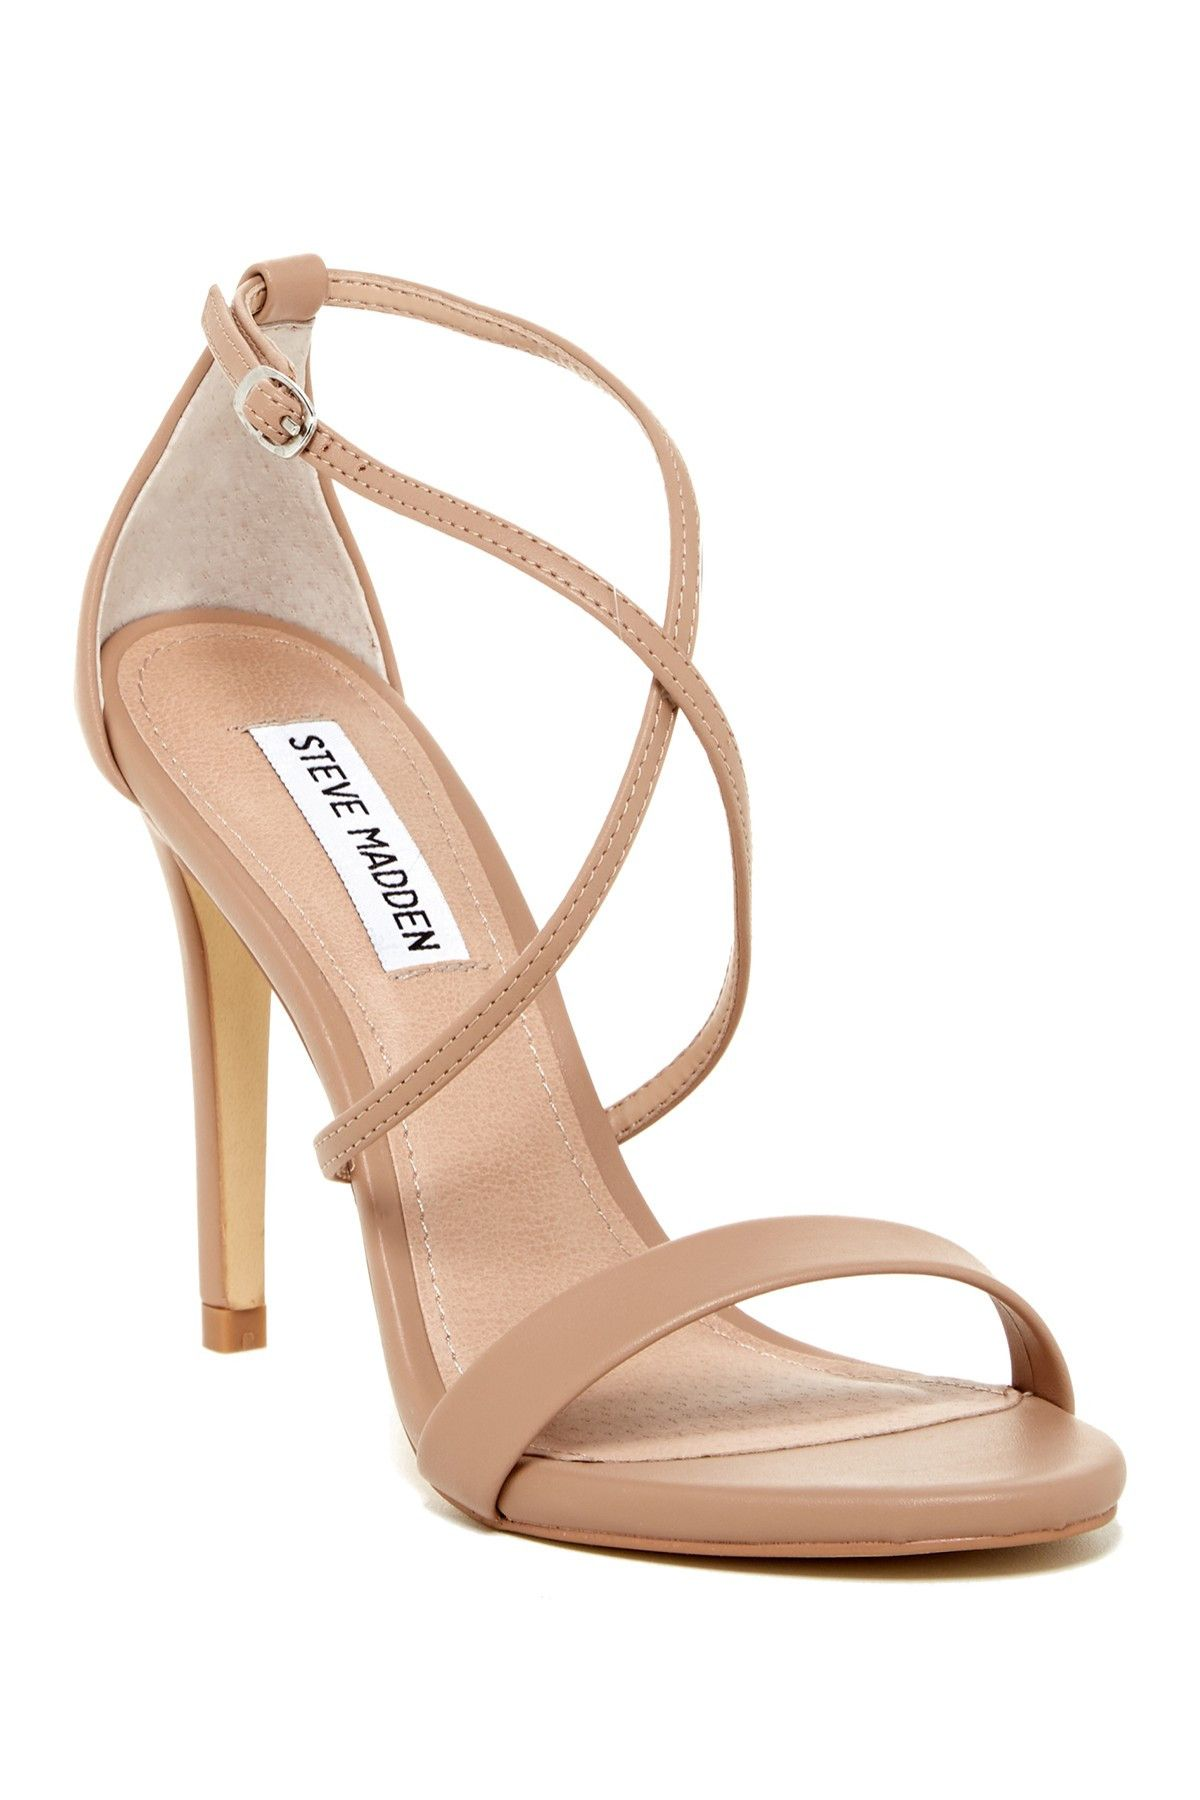 Steve Madden Floriaa Heel Sandal Topuklu Sandalet Mezuniyet Balosu Ayakkabilari Bayan Ayakkabi